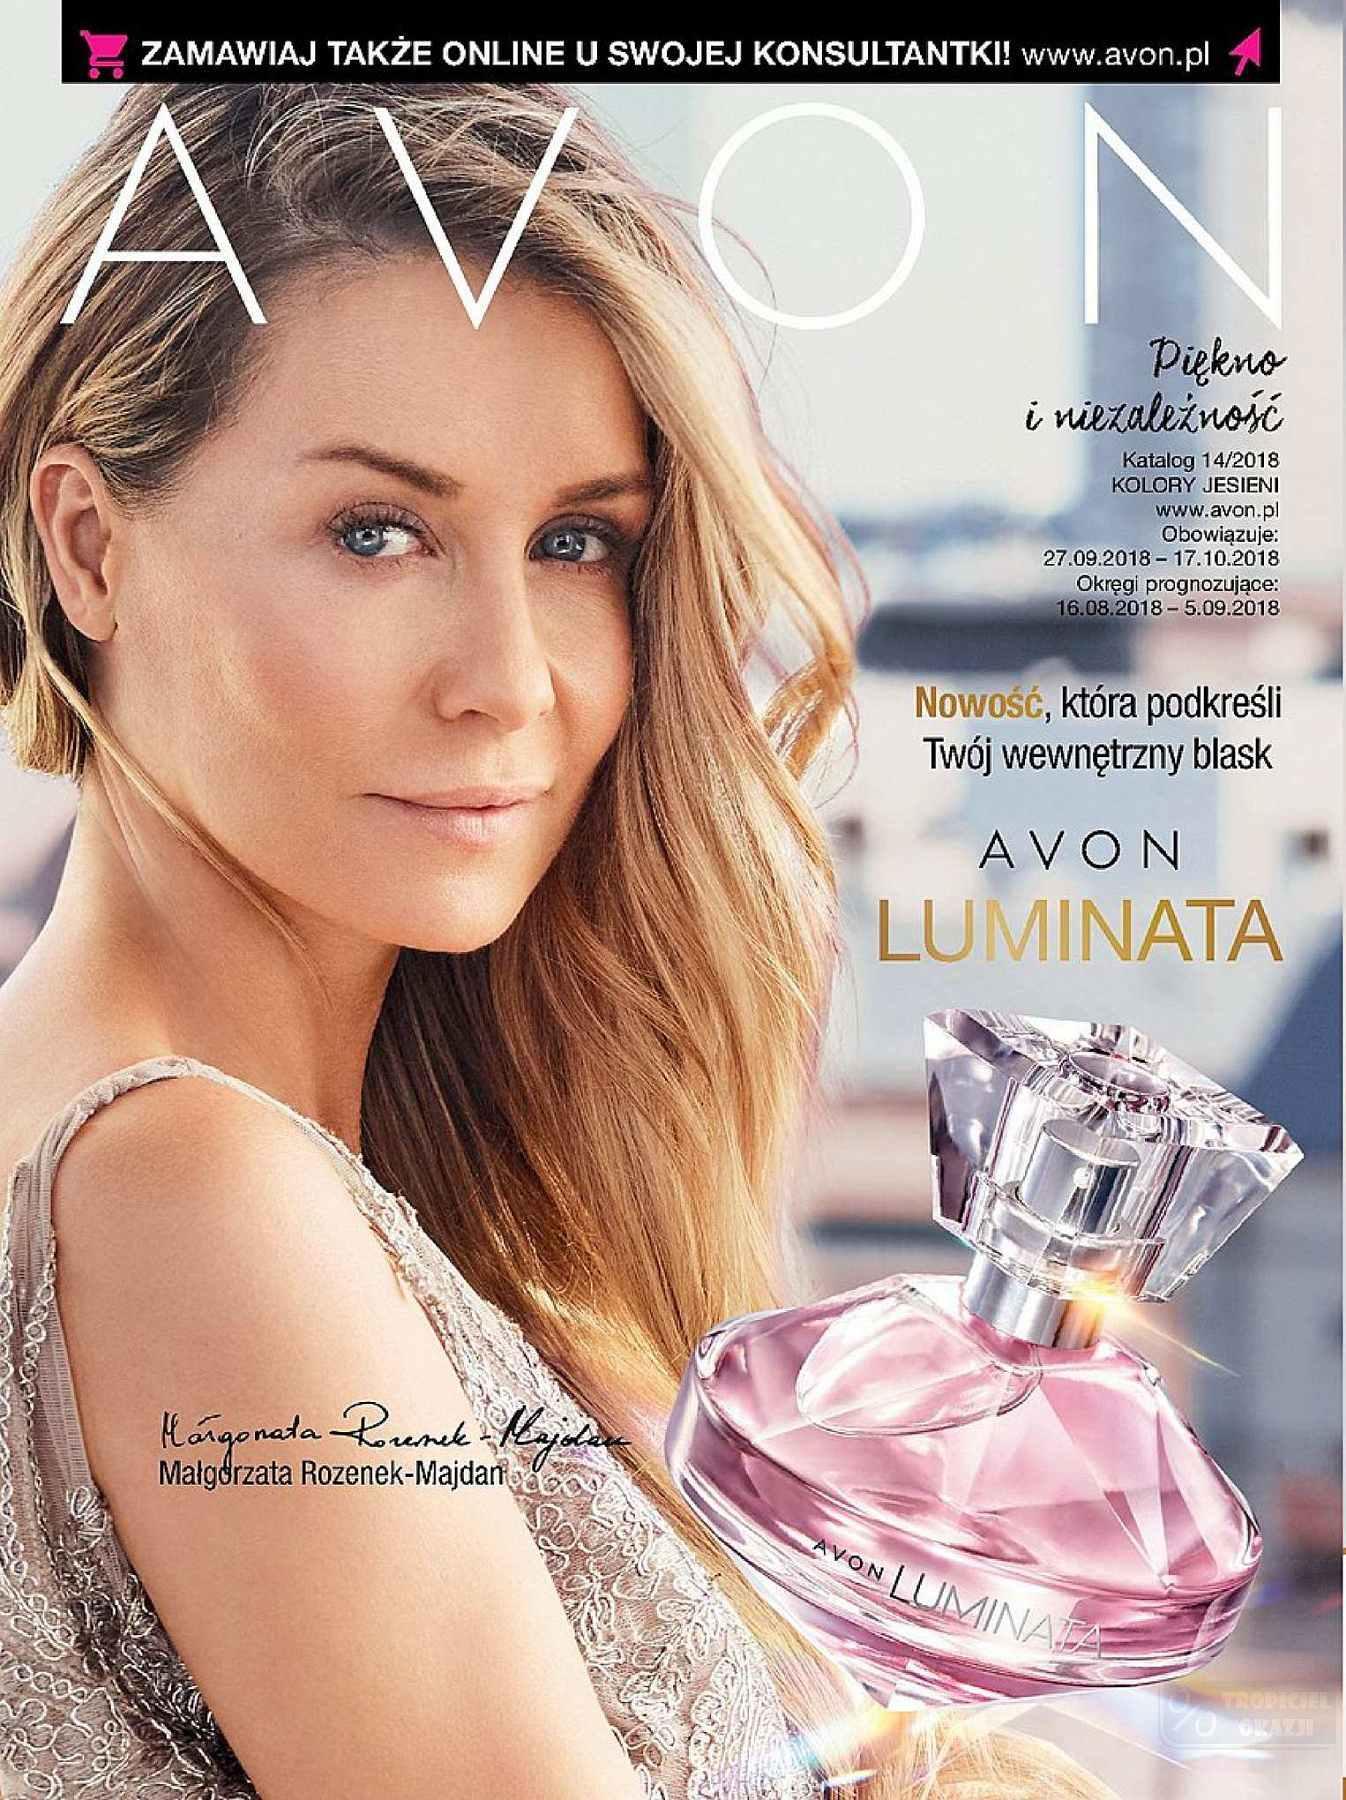 Gazetka promocyjna Avon do 17/10/2018 str.1